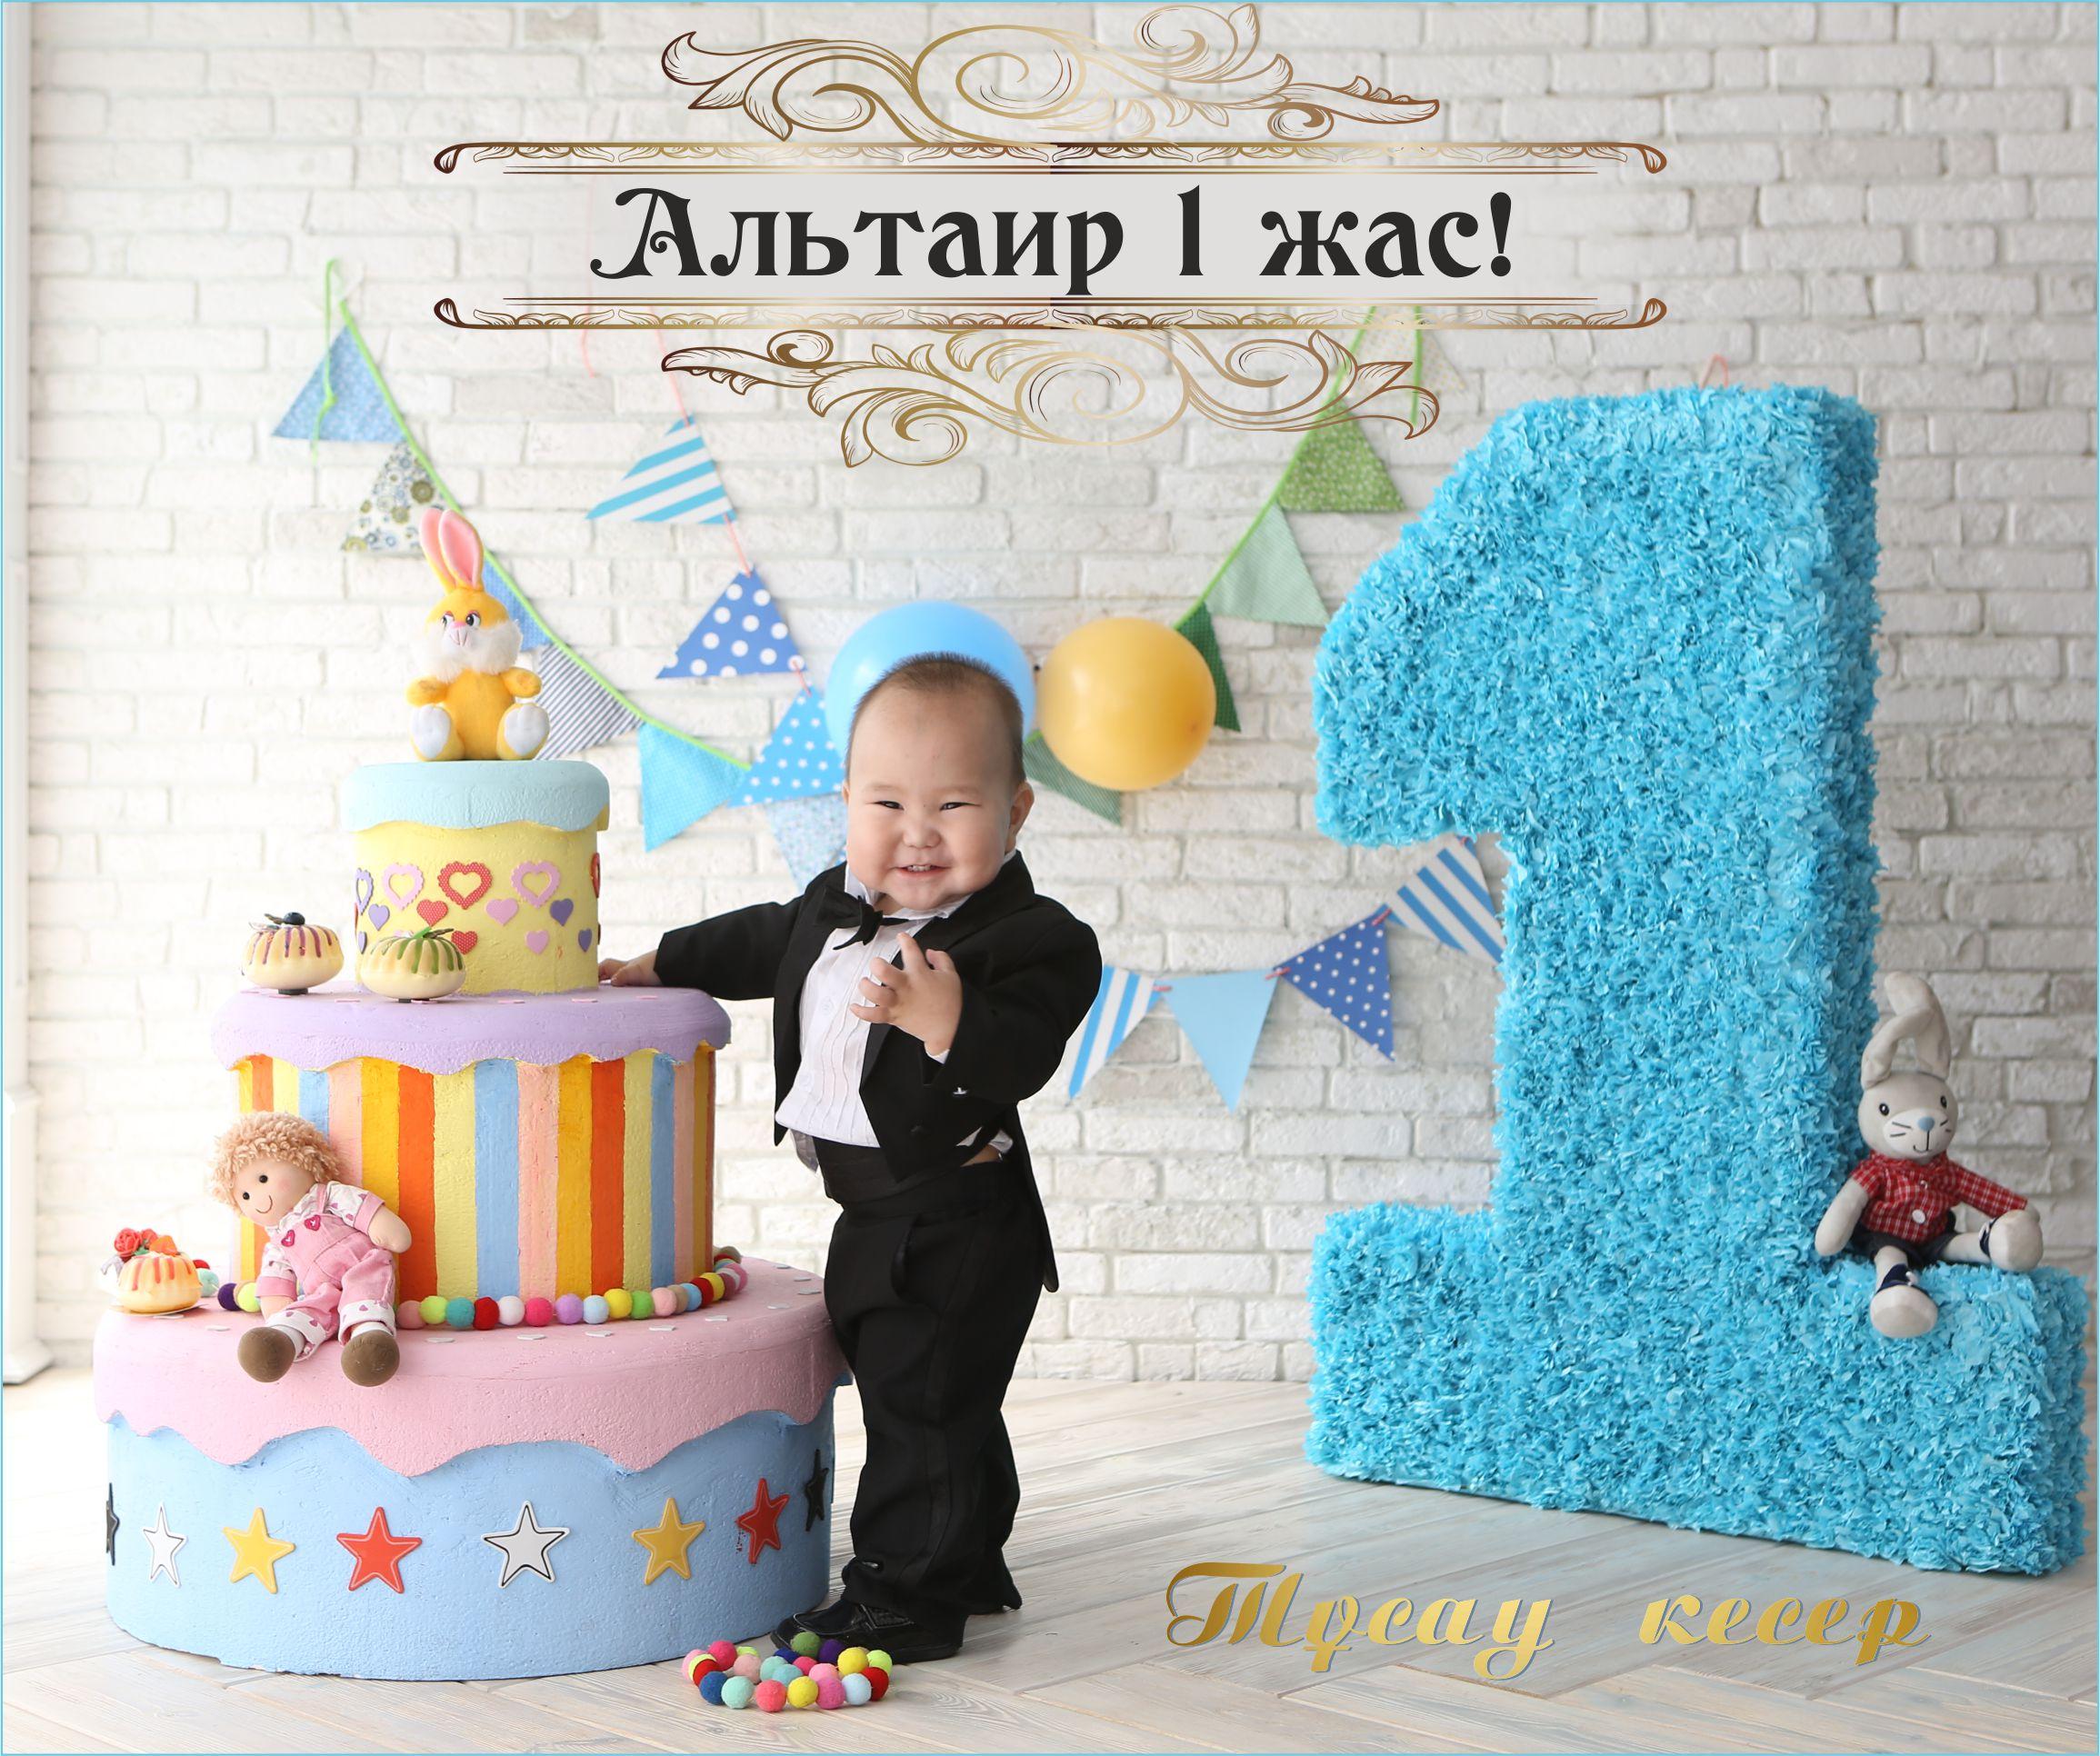 Пресс_стена_на_годик_с_фотографией_Алматы.jpg